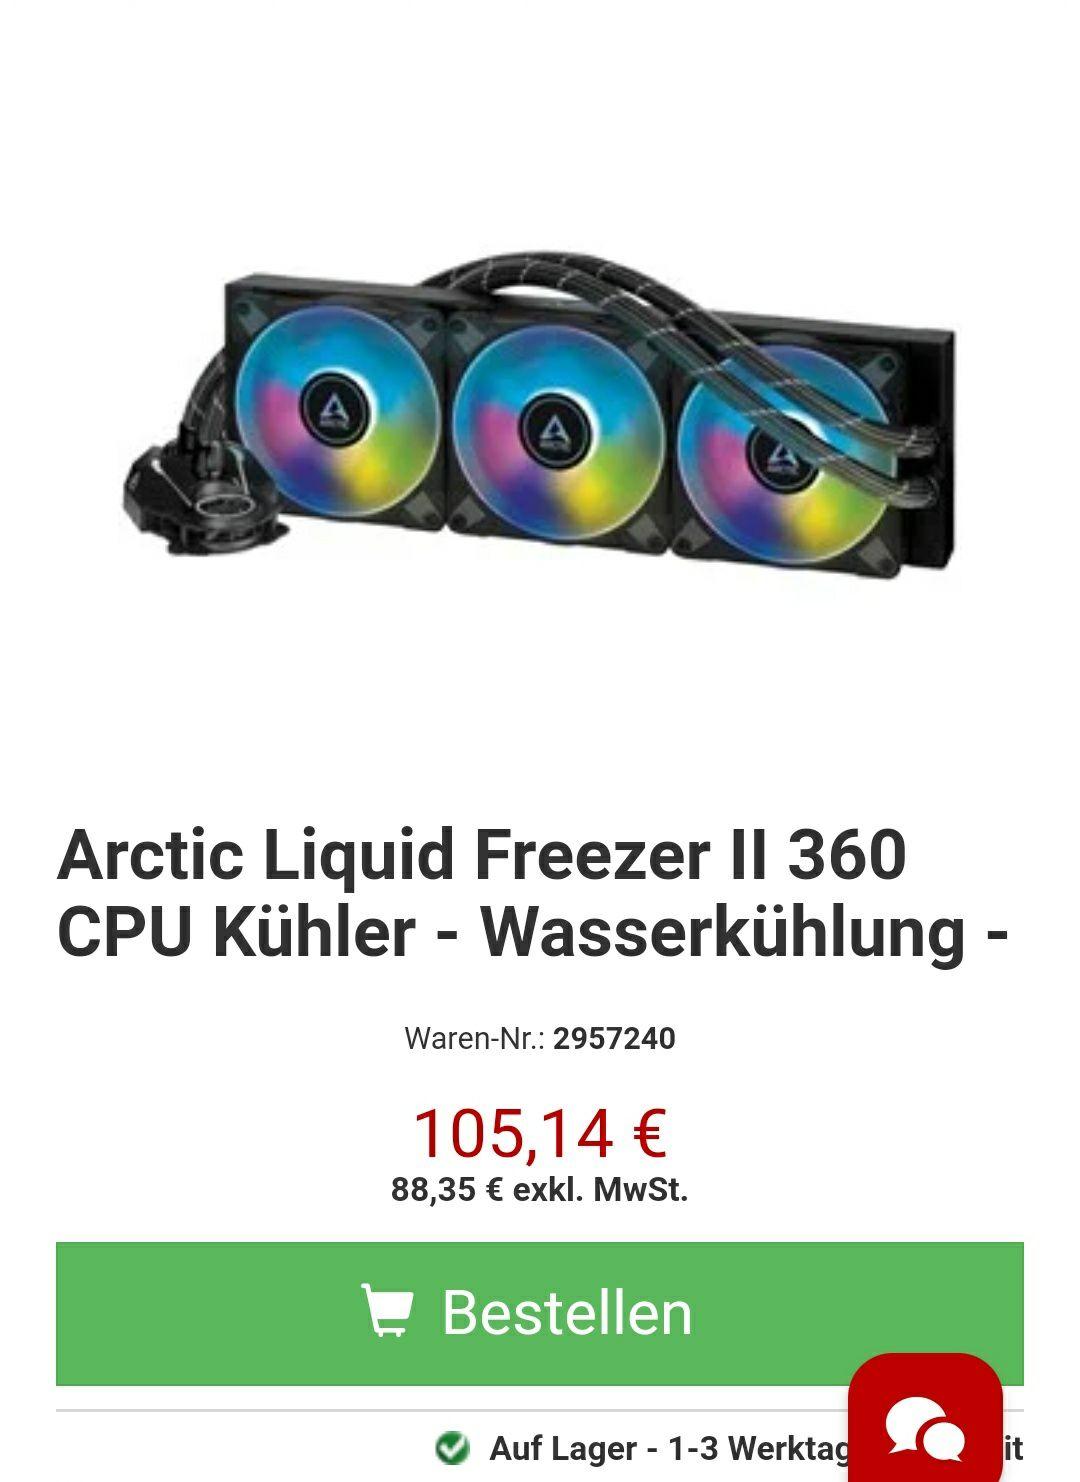 Arctic Liquid Freezer II 360 CPU Kühler - Wasserkühlung -